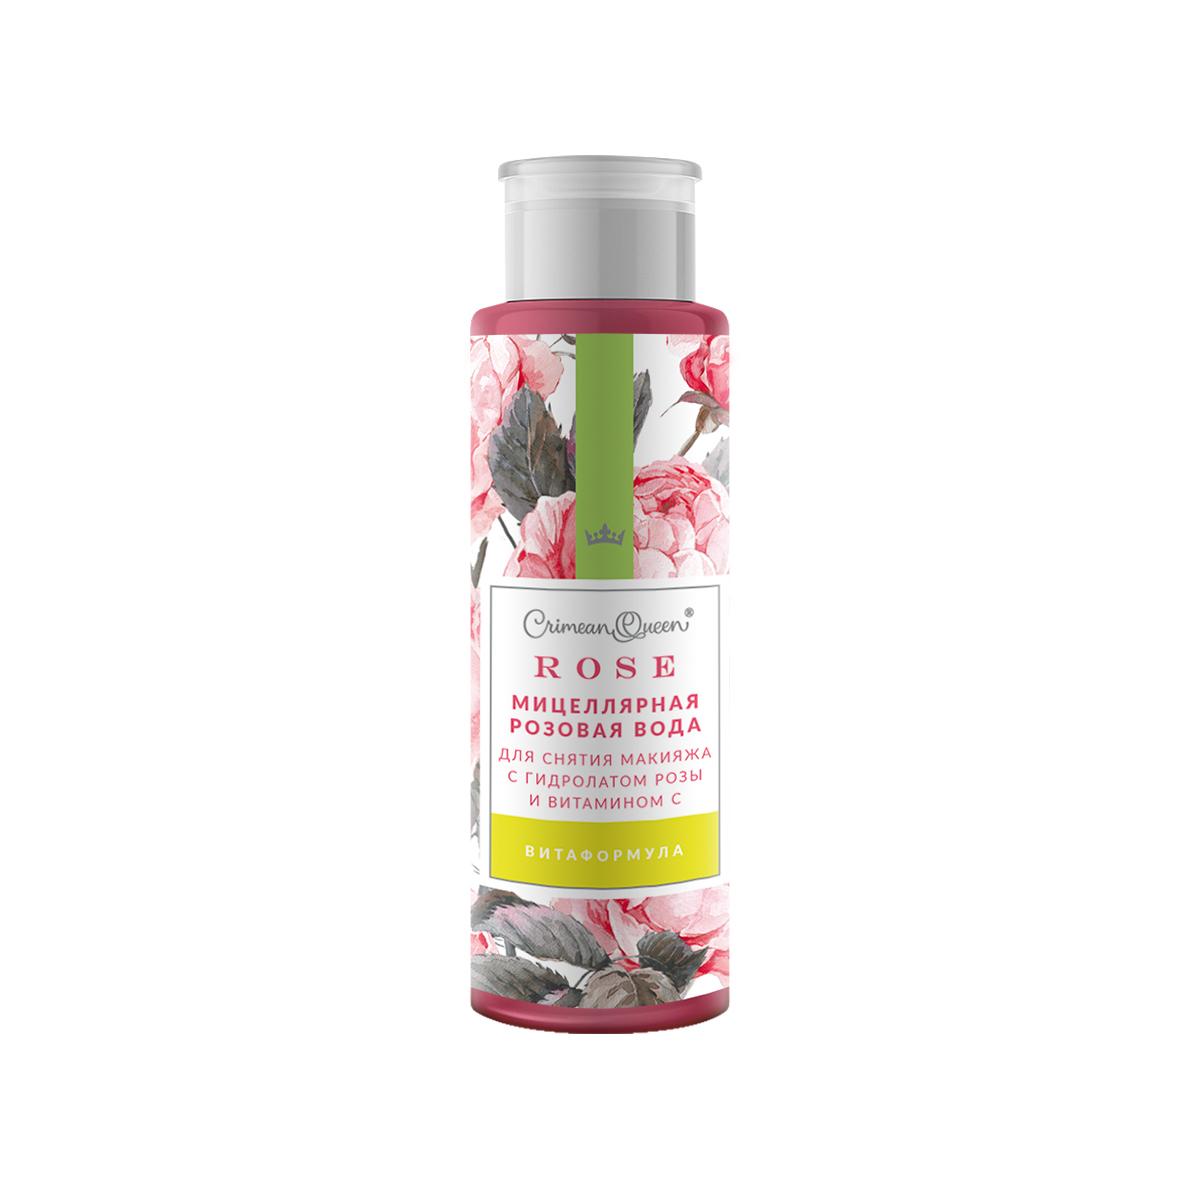 """Мицеллярная вода для снятия макияжа """"Витаформула"""" с гидролатом розы 200 гр."""